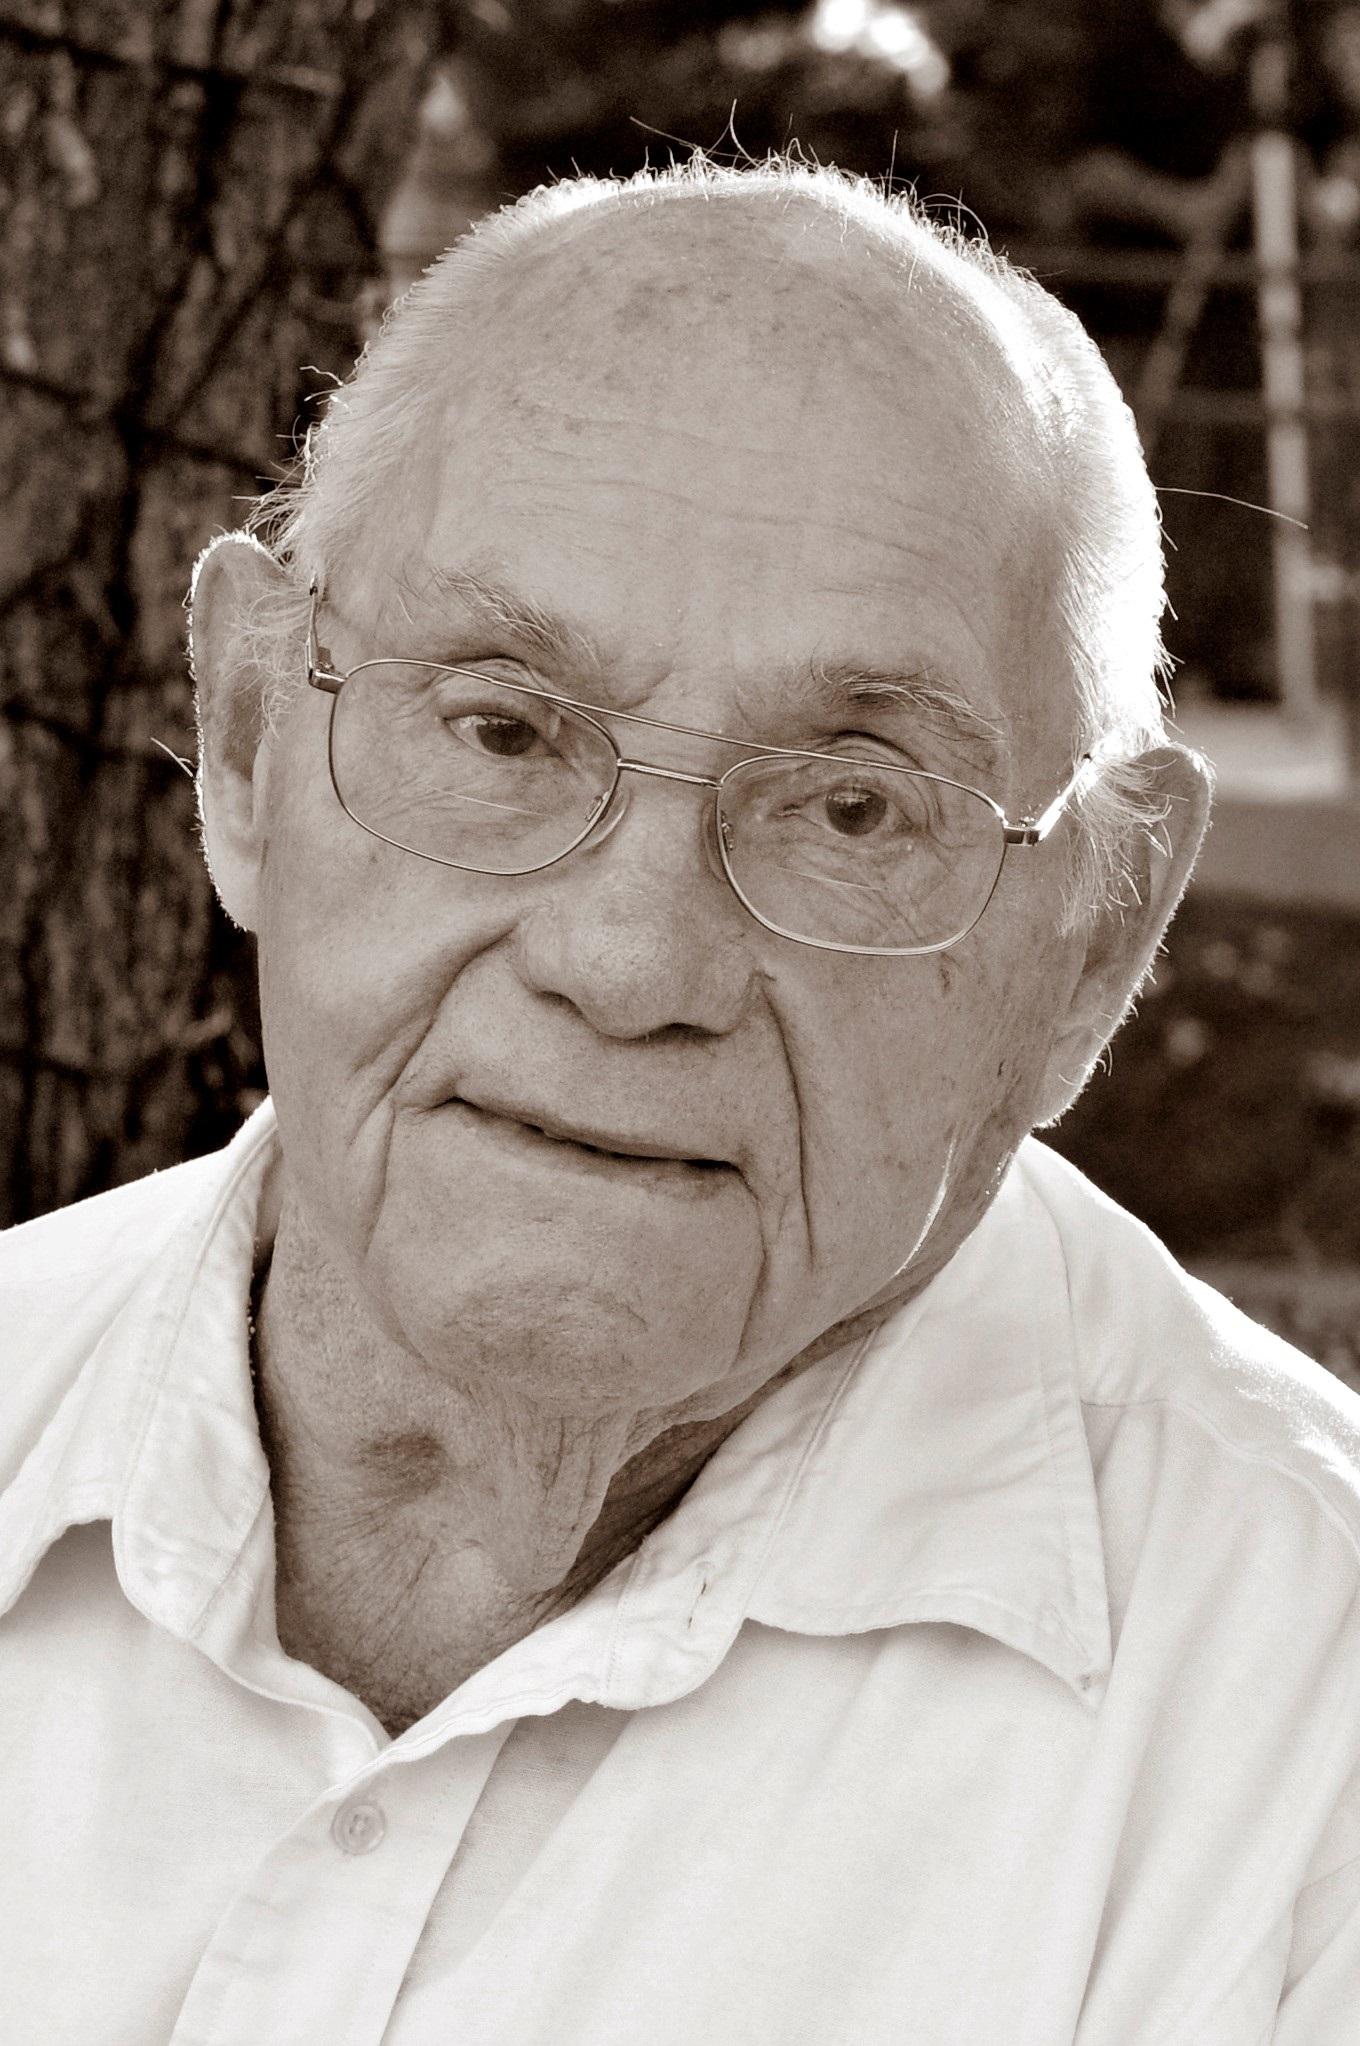 Weldon Joseph Kempton